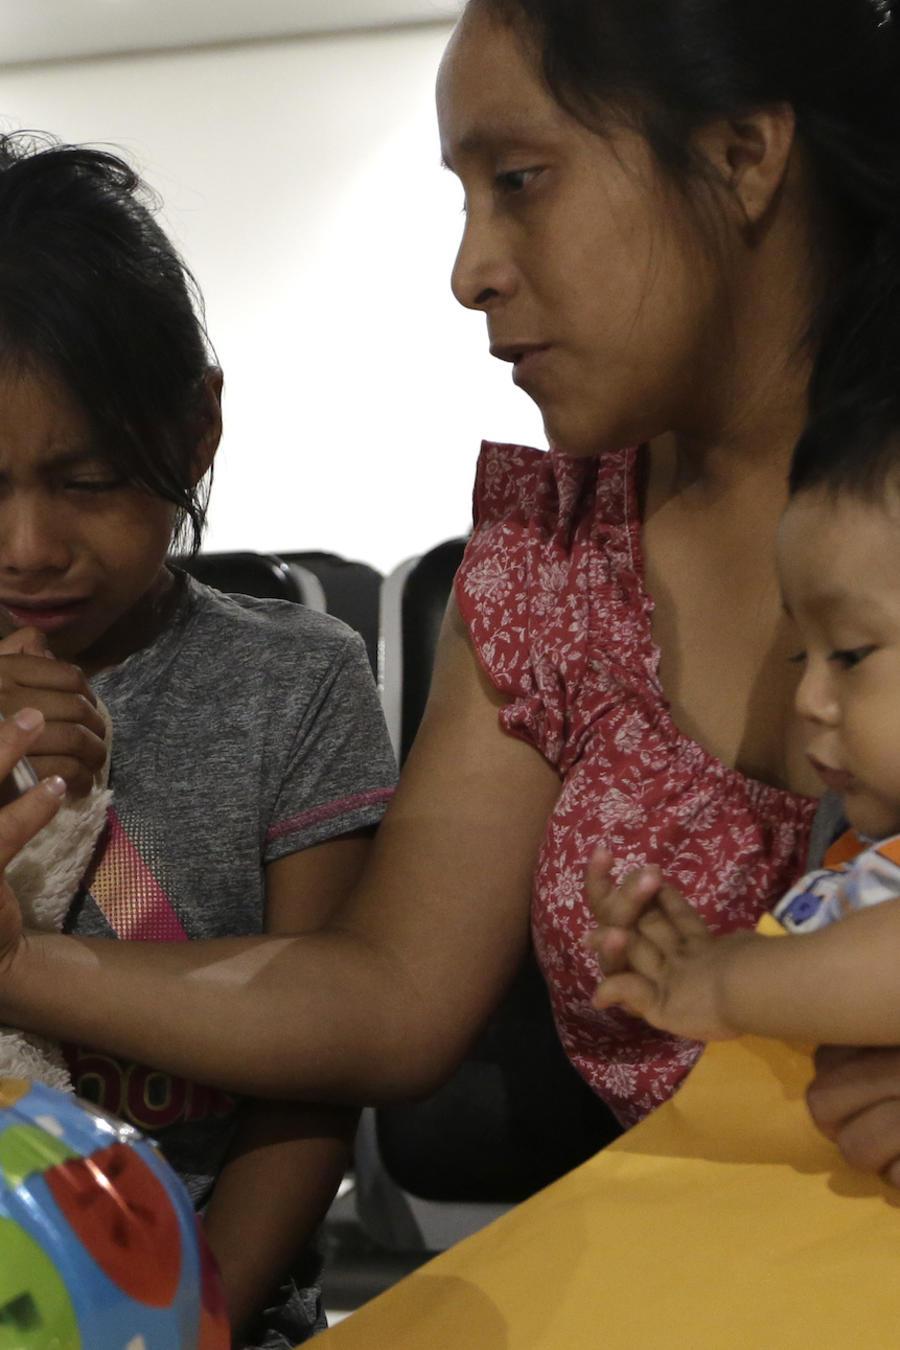 Una inmigrante reunida con sus hijos en Florida el pasado domingo tras semanas de separación.